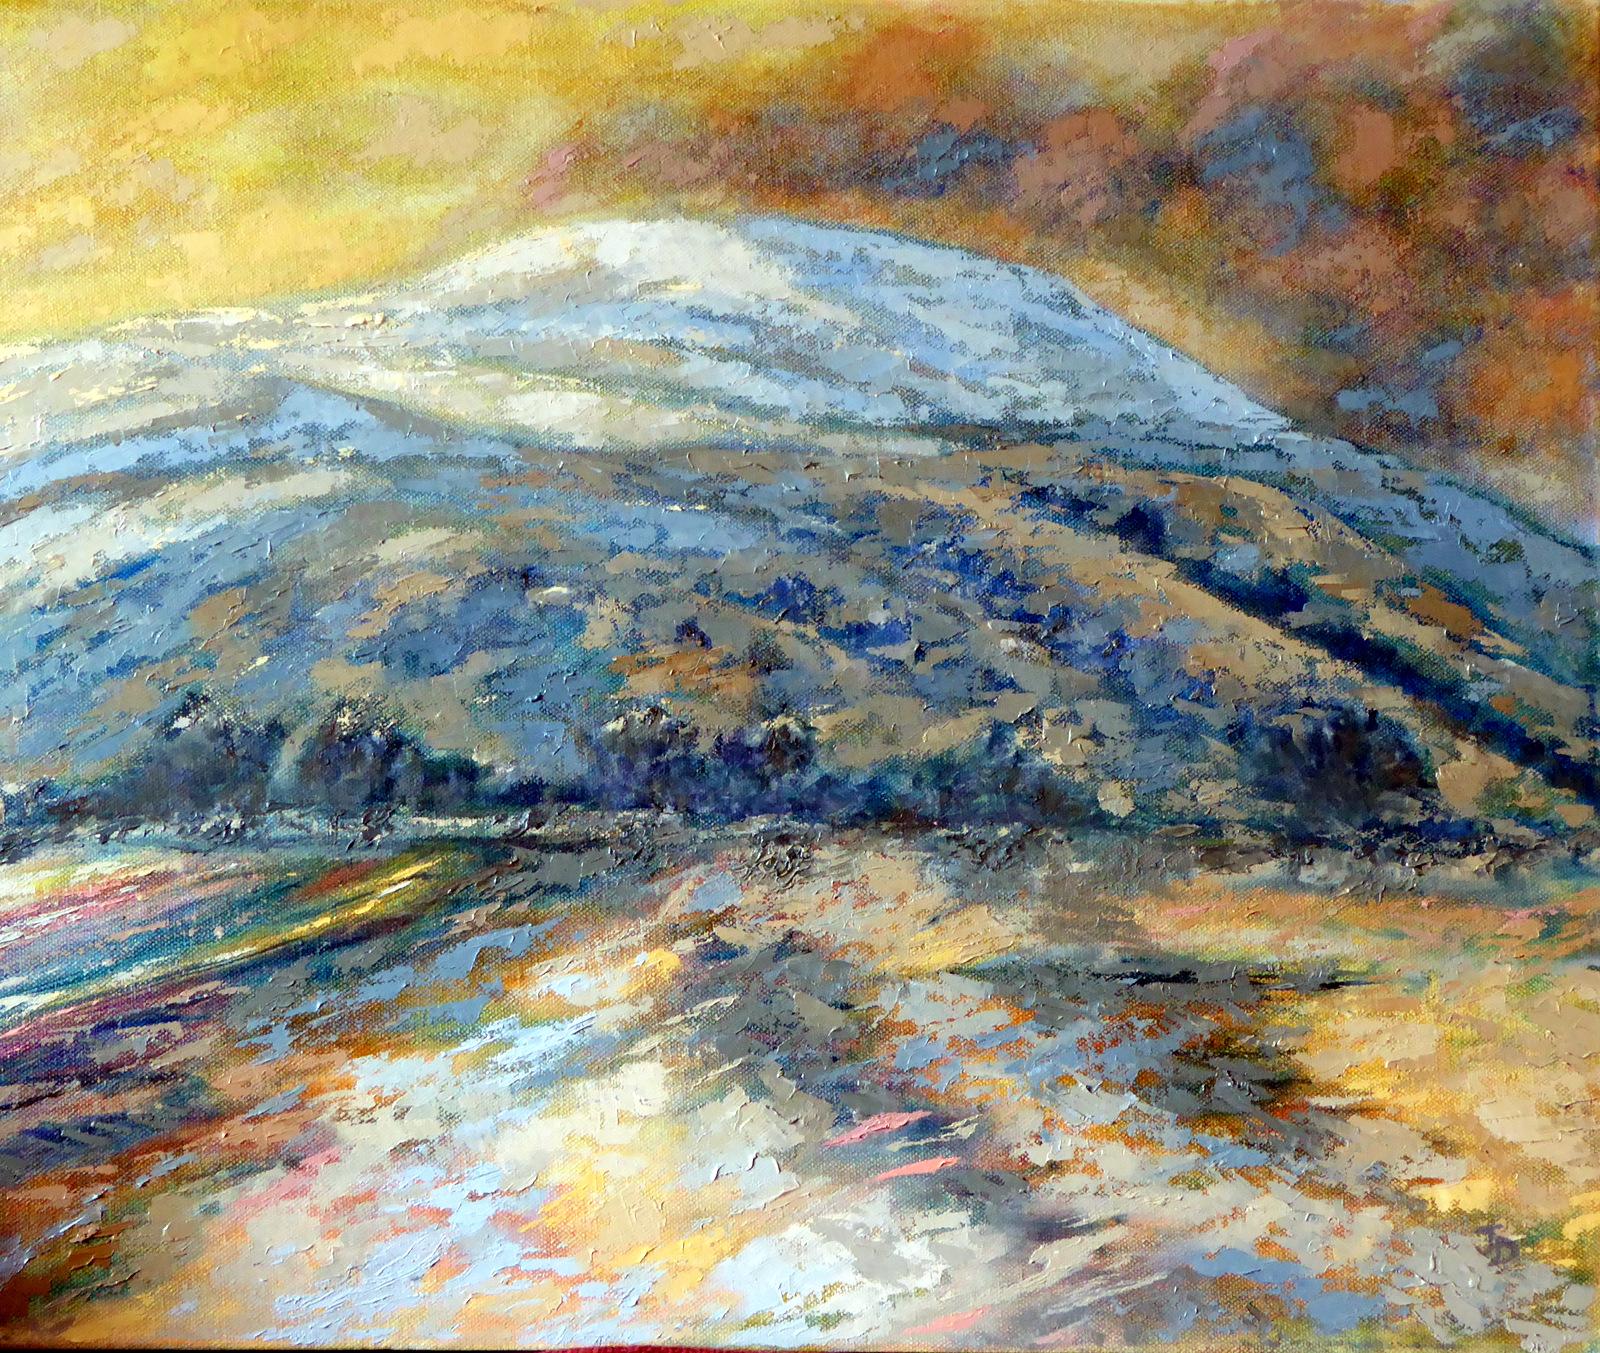 Snowscape by Jenny Day - Oil